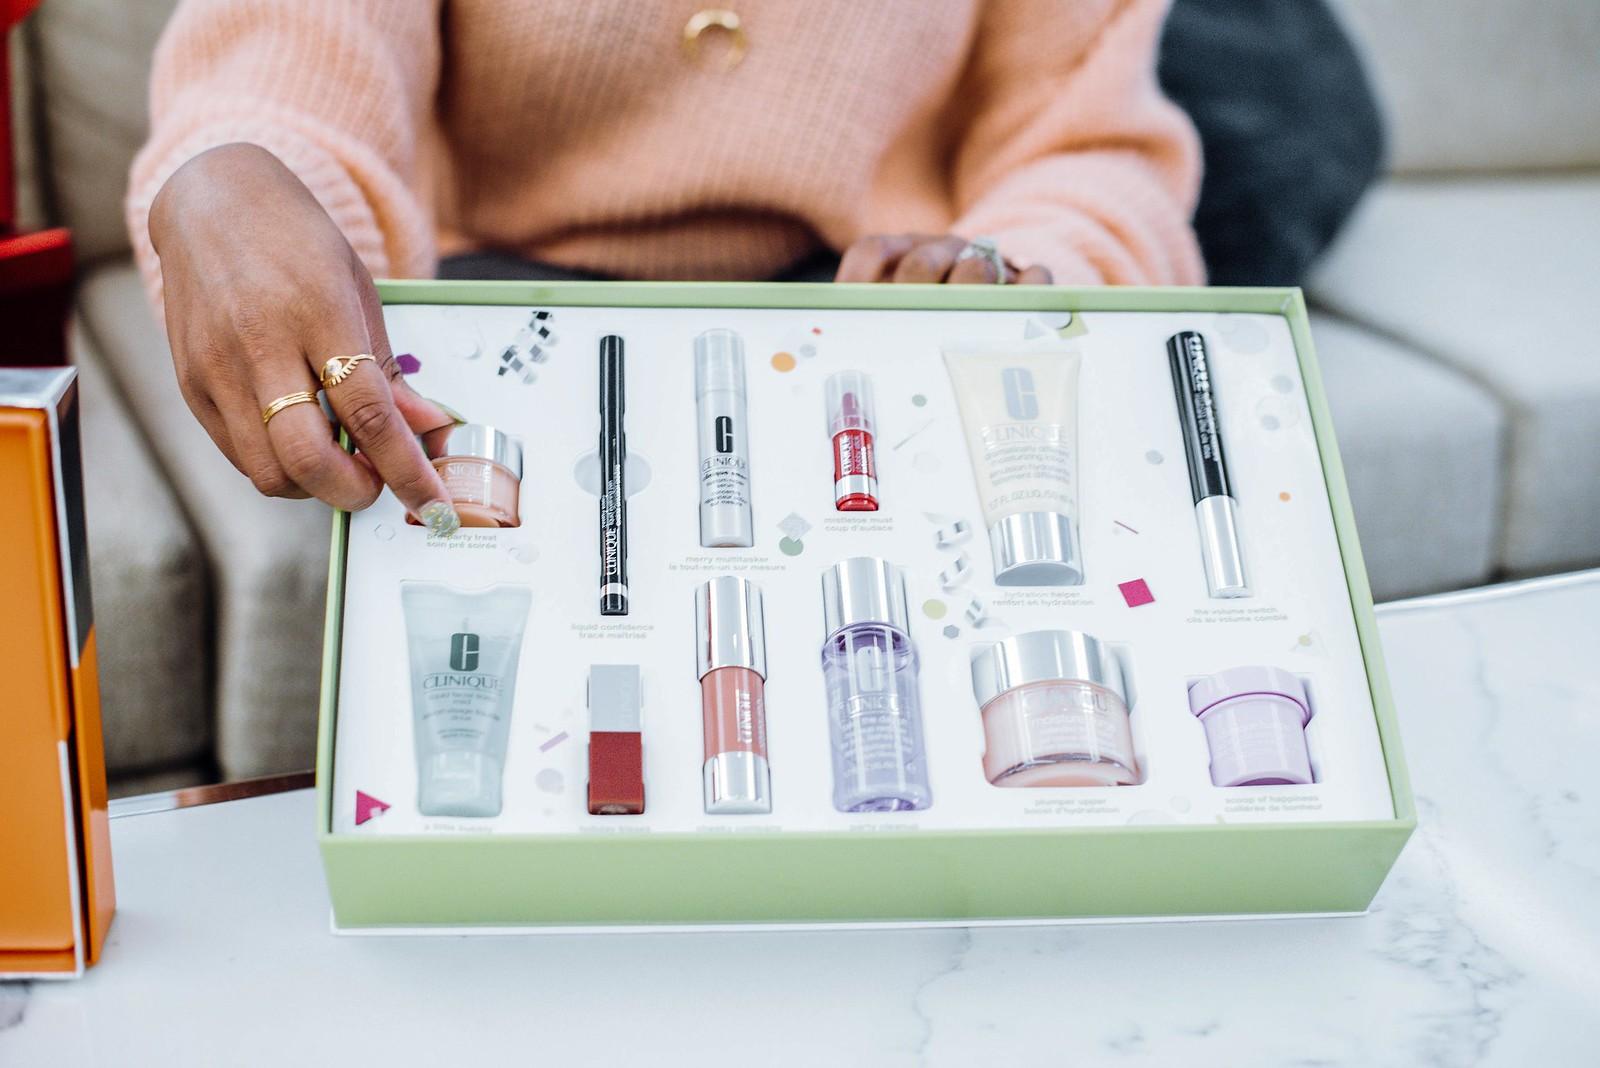 Clinique beauty gift set